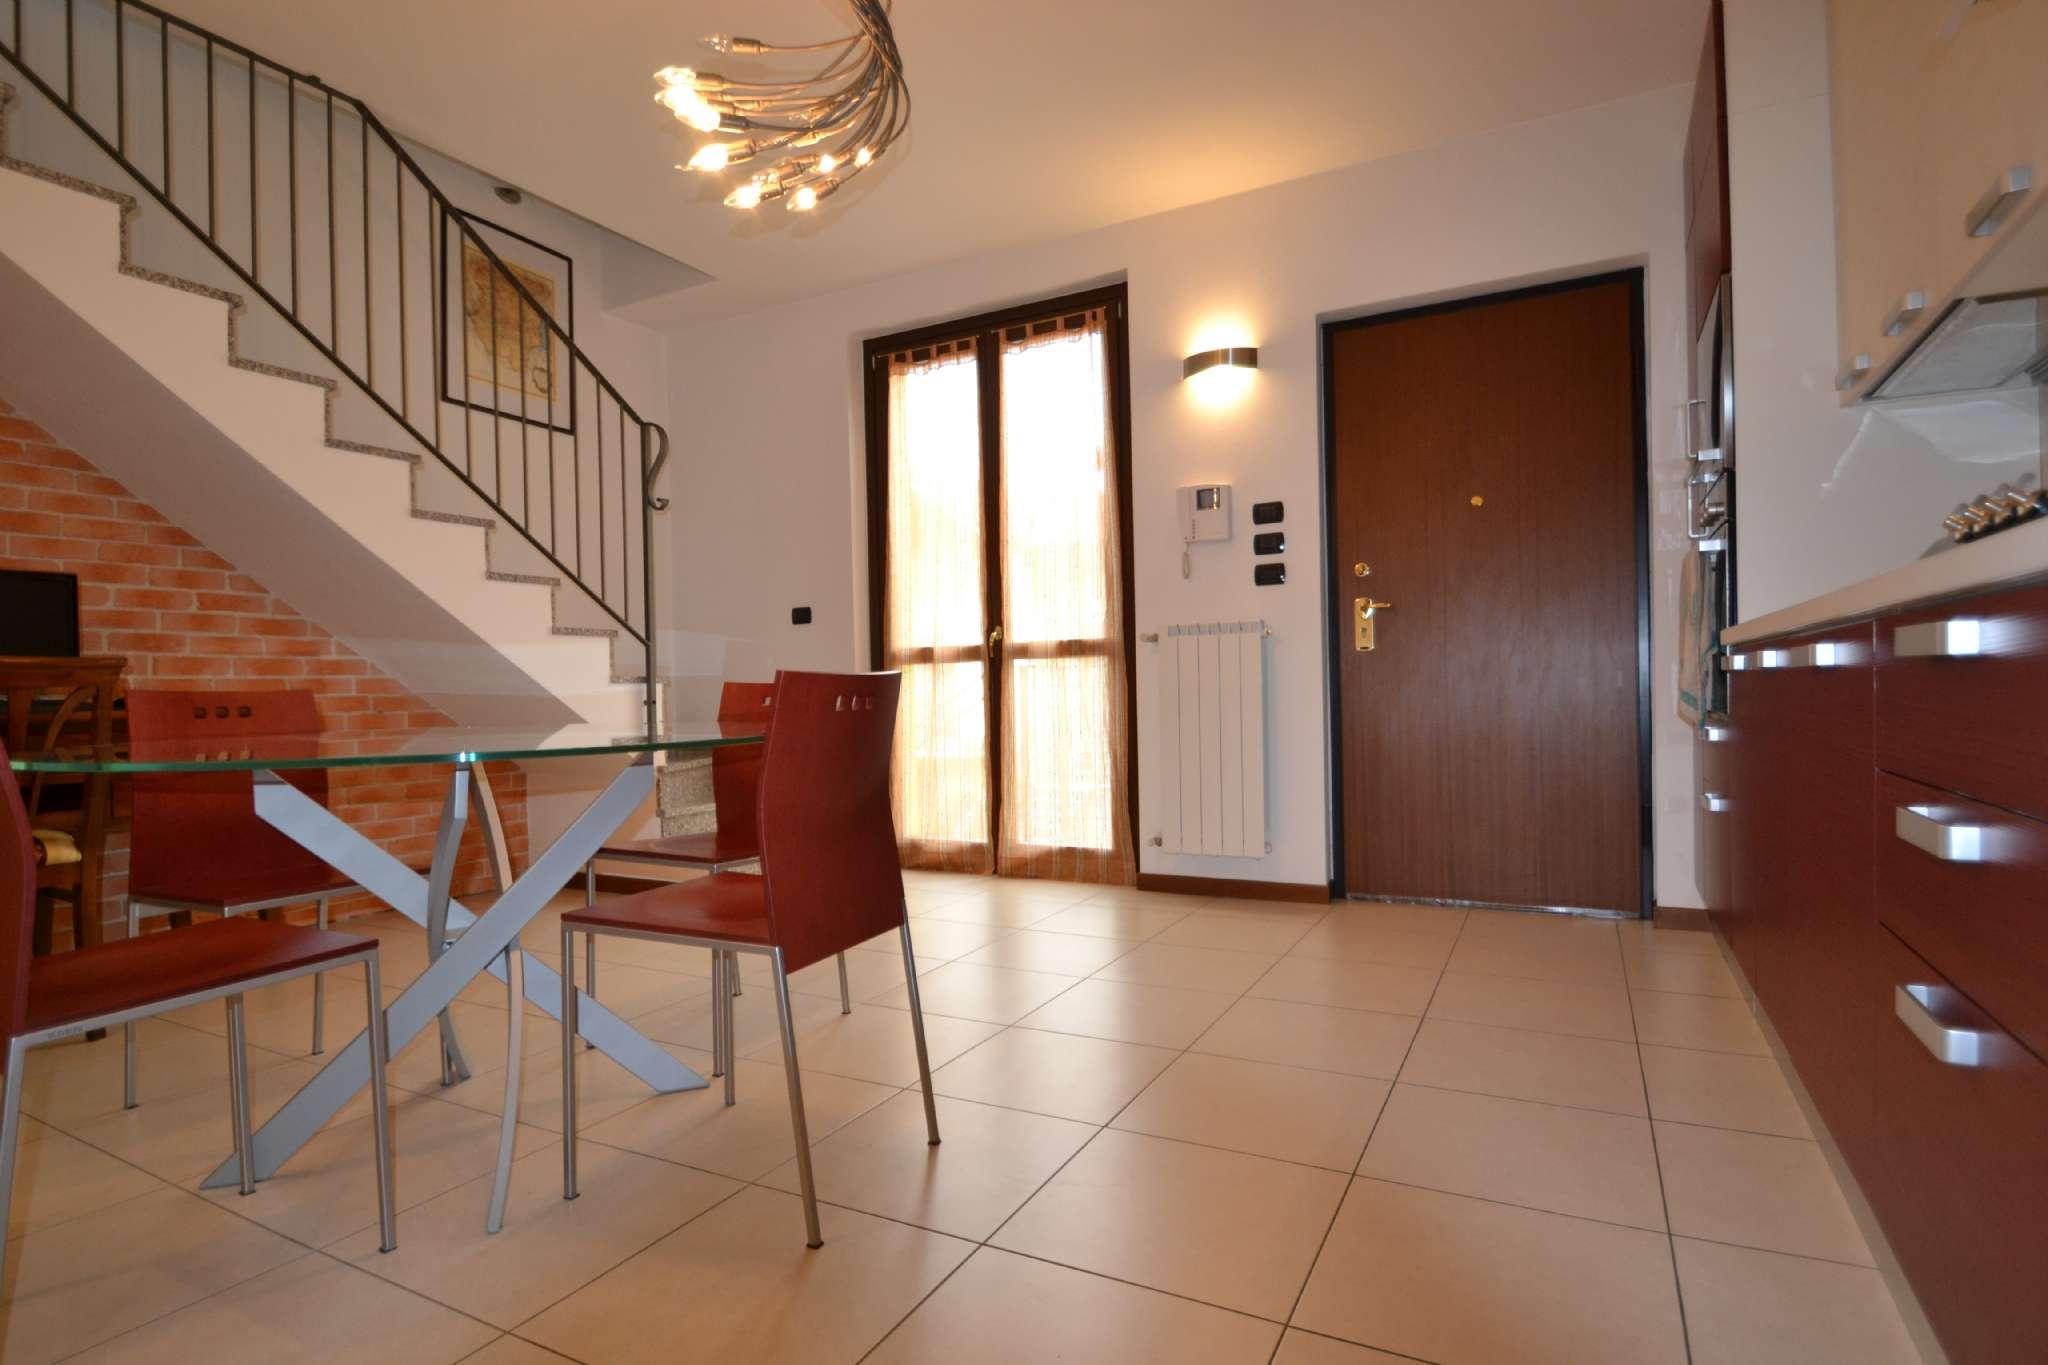 Appartamento in vendita a Villa d'Almè, 2 locali, prezzo € 144.000 | PortaleAgenzieImmobiliari.it